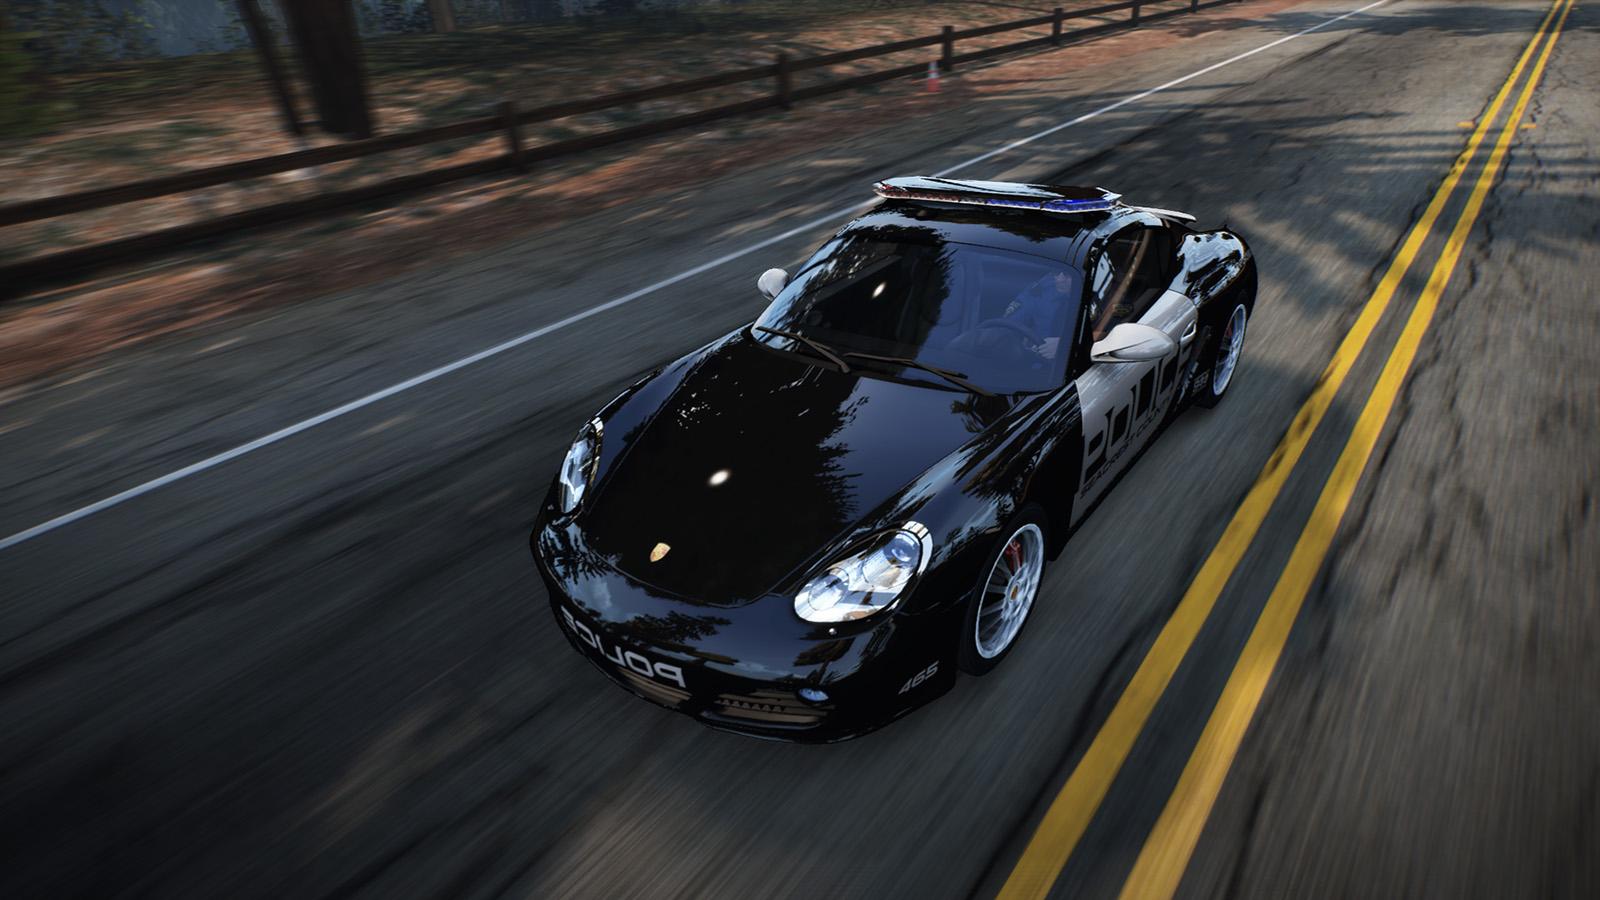 NFS Porsche Cop